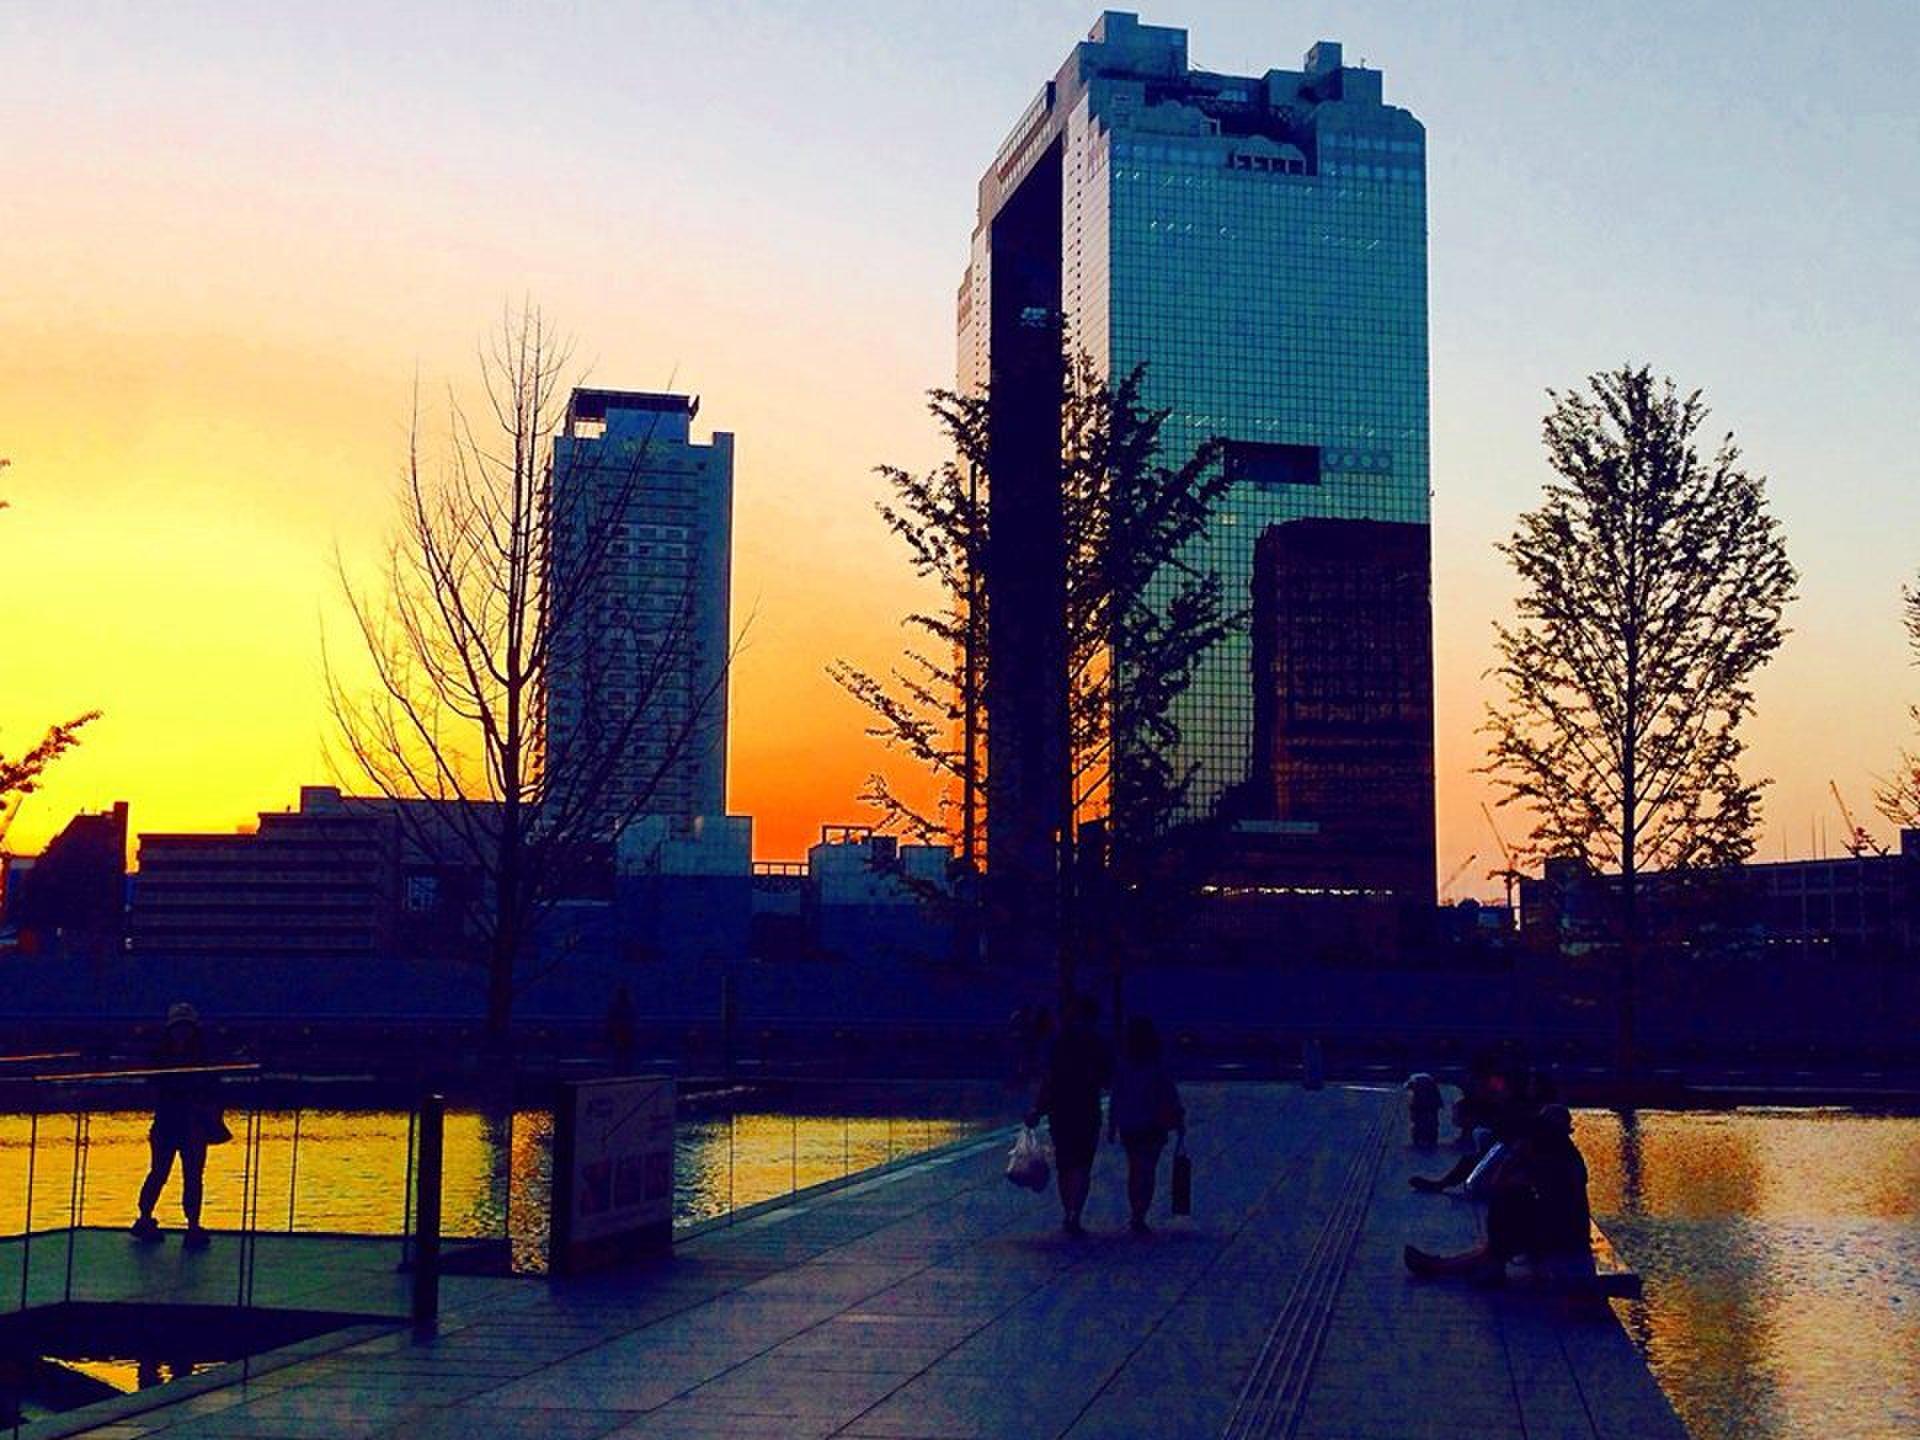 大阪駅周辺だけで1日楽しめる!?移動嫌い向け大阪駅グランフロント満喫プラン!(新幹線から1駅!)